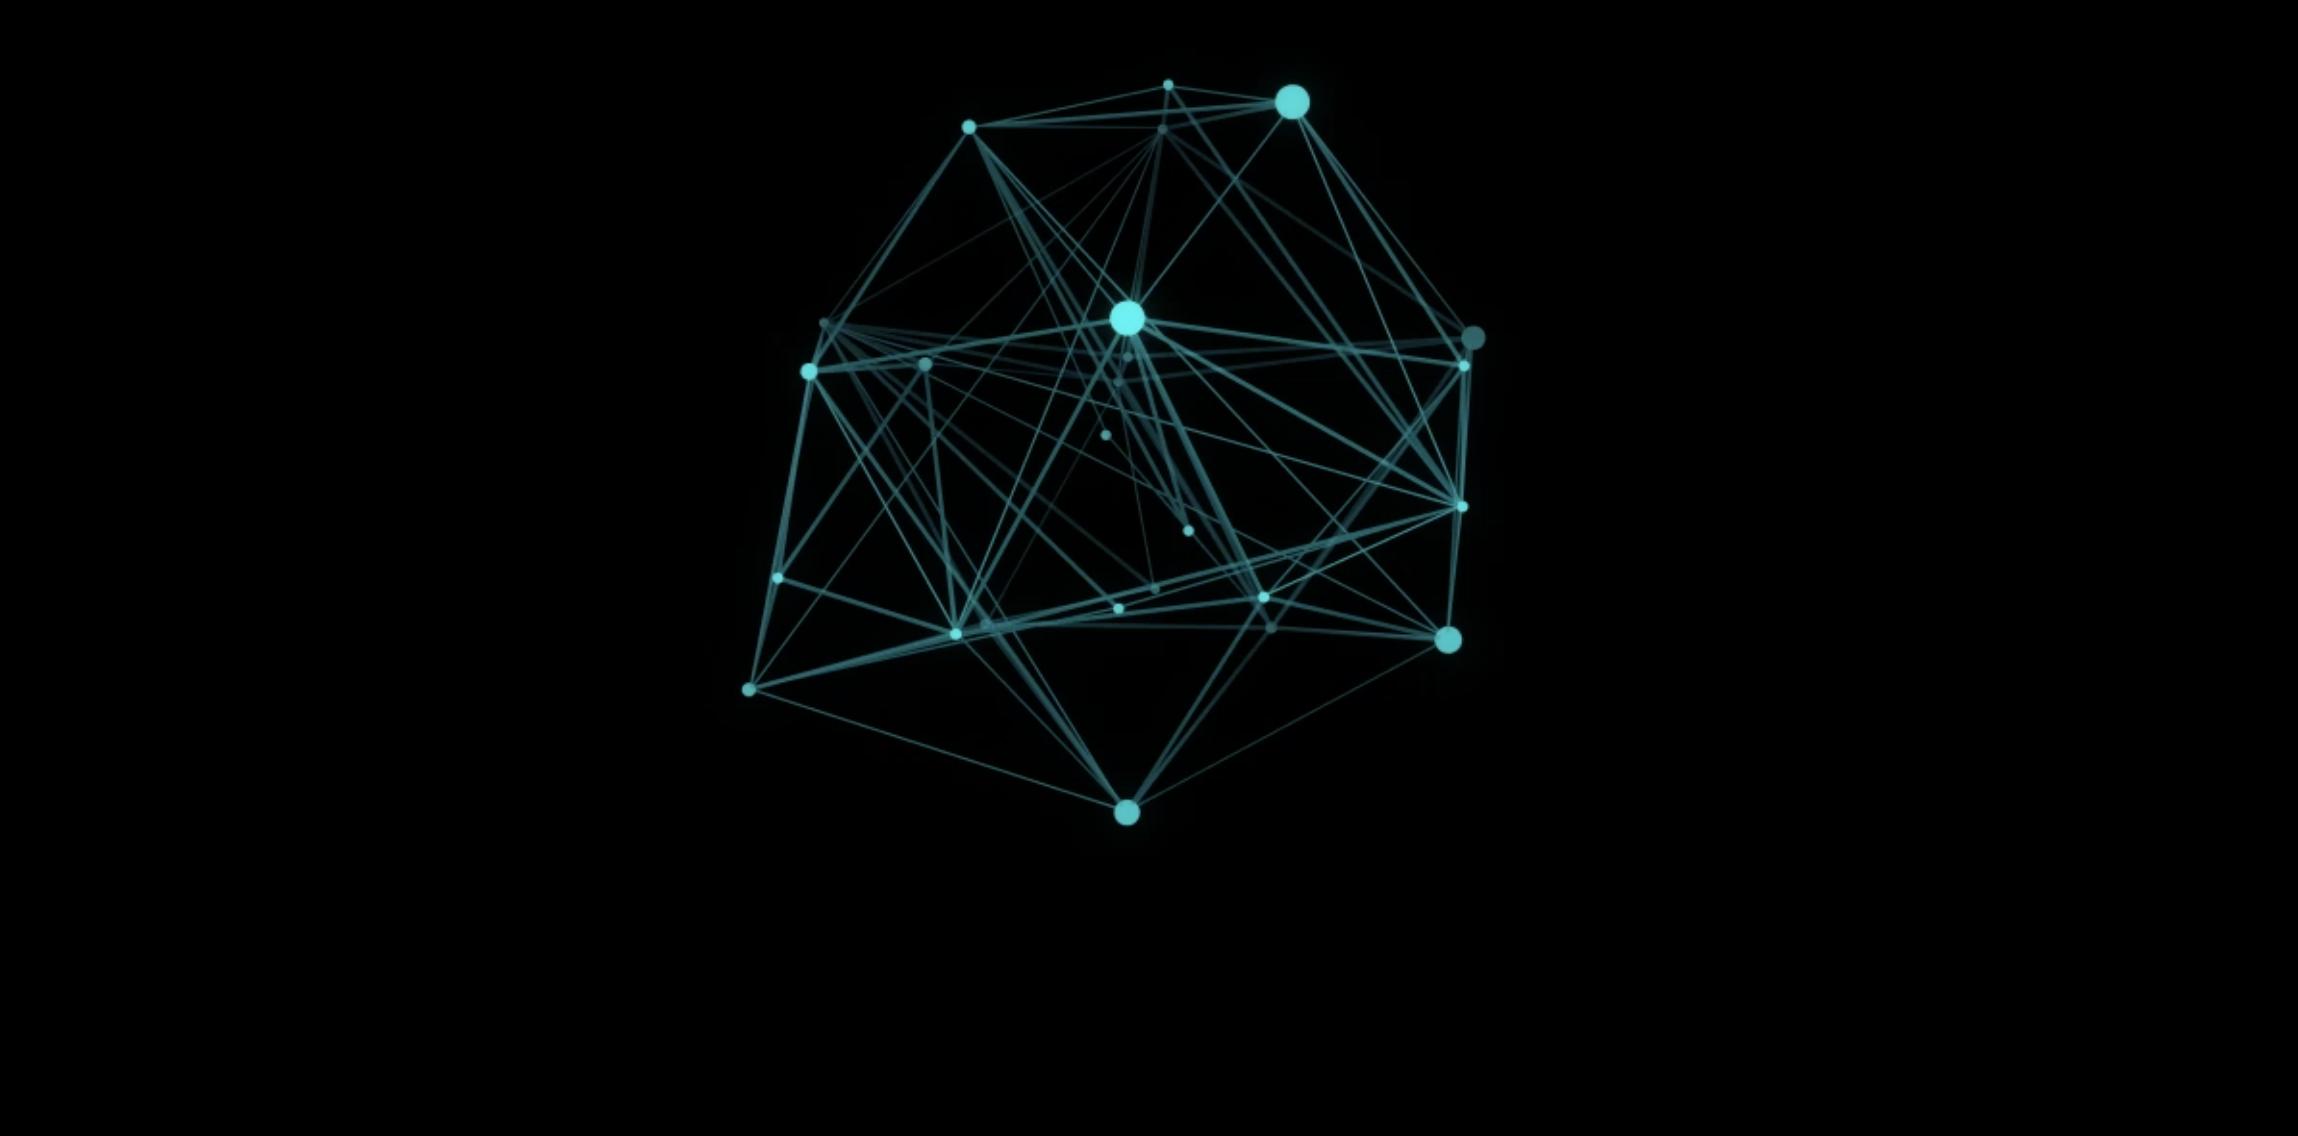 Tesseract Tensorflow